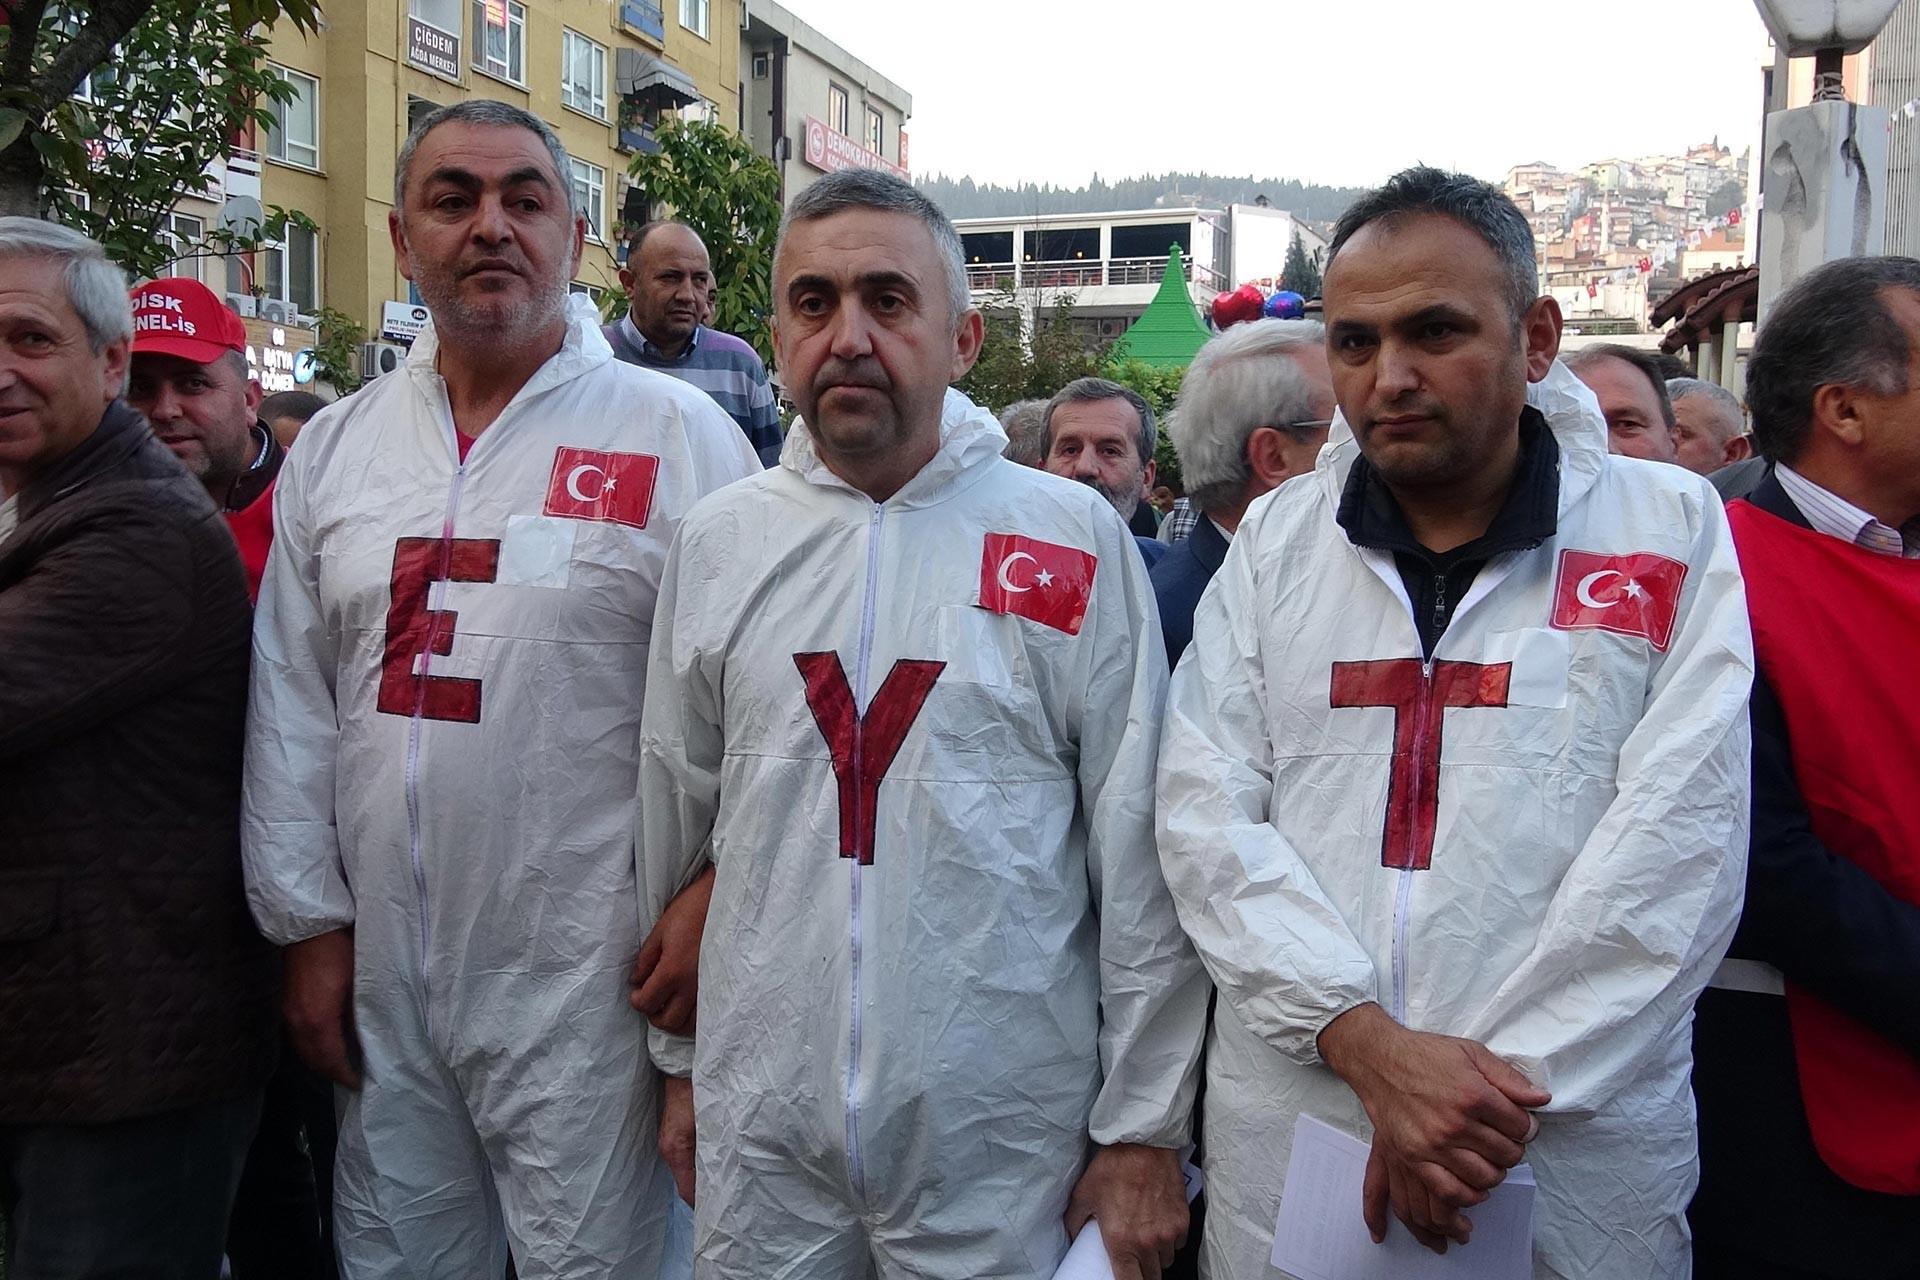 Basın açıklamasına katılan EYT mağduru üç kişi, üzerlerinde 'E', 'Y' ve 'T' harfleri bulunan tulumlarla yan yana dururken